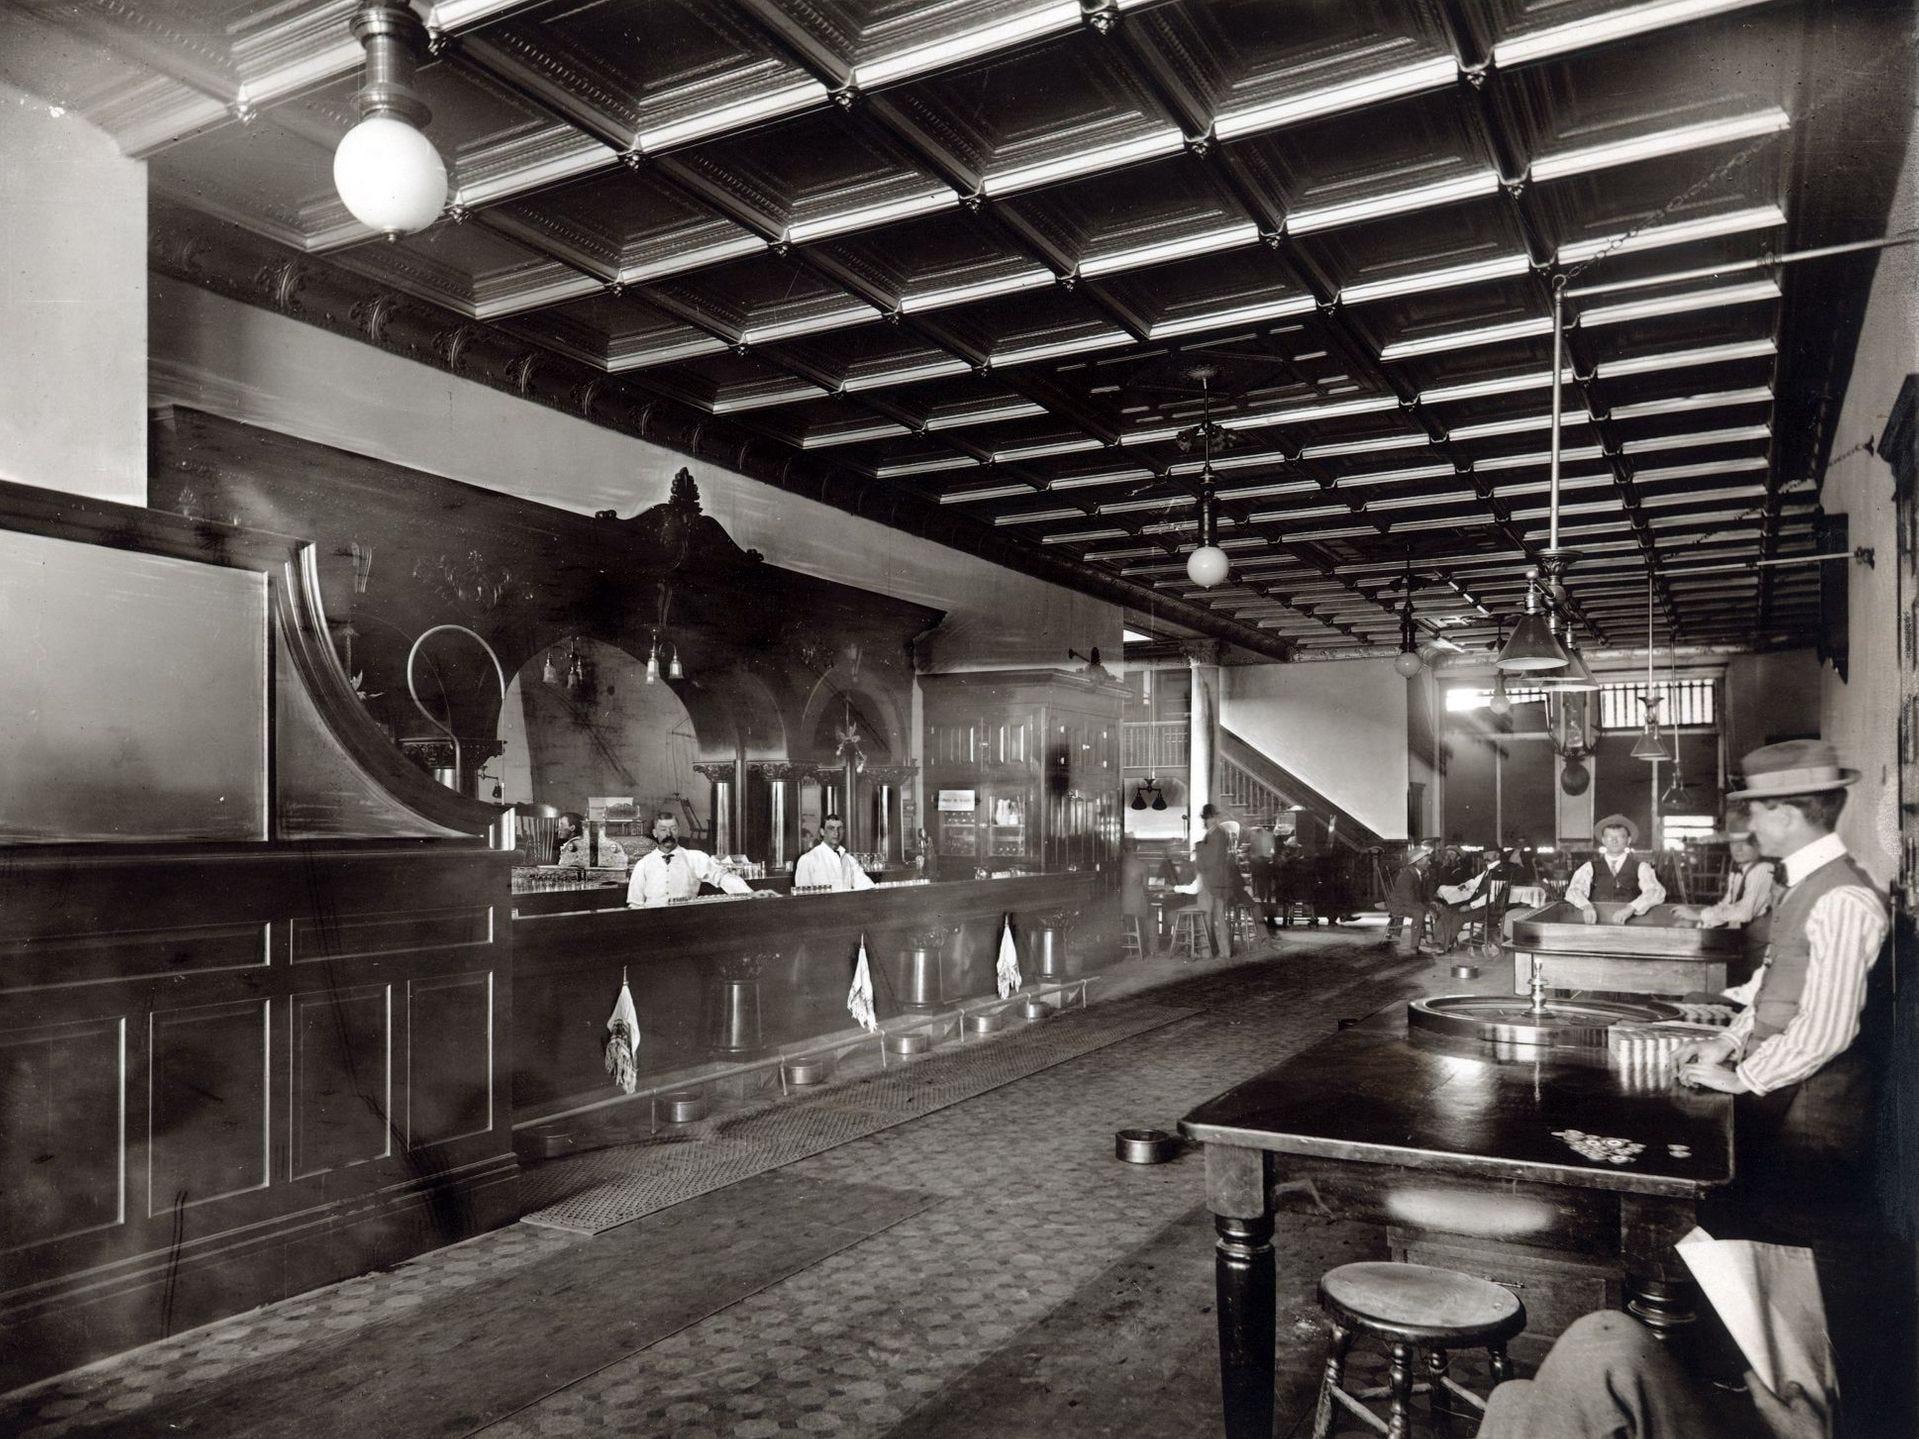 Cuando el reconstruido Palace Saloon abrió sus puertas en 1901, era el establecimiento de bebidas más opulento en Whisky, si no en todo Prescott.